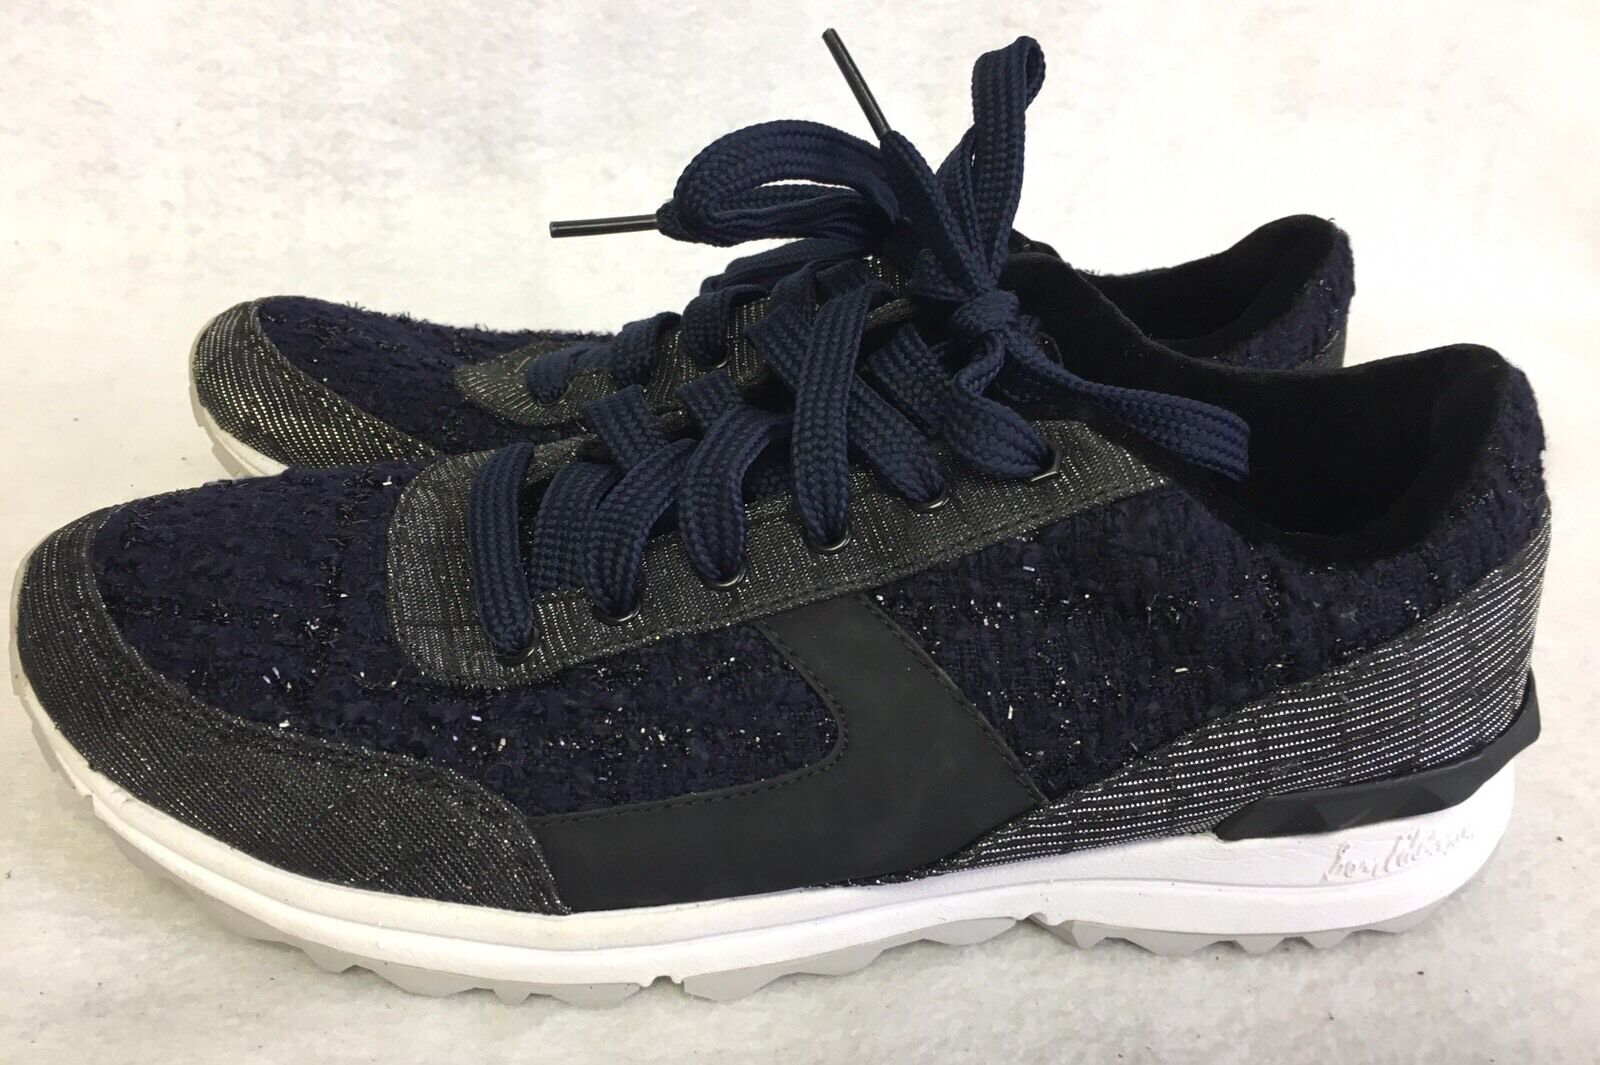 Sam Edelman Dax Negro Negro Negro Azul Brillo Tela Moda Tenis Entrenadores  160  Hay más marcas de productos de alta calidad.